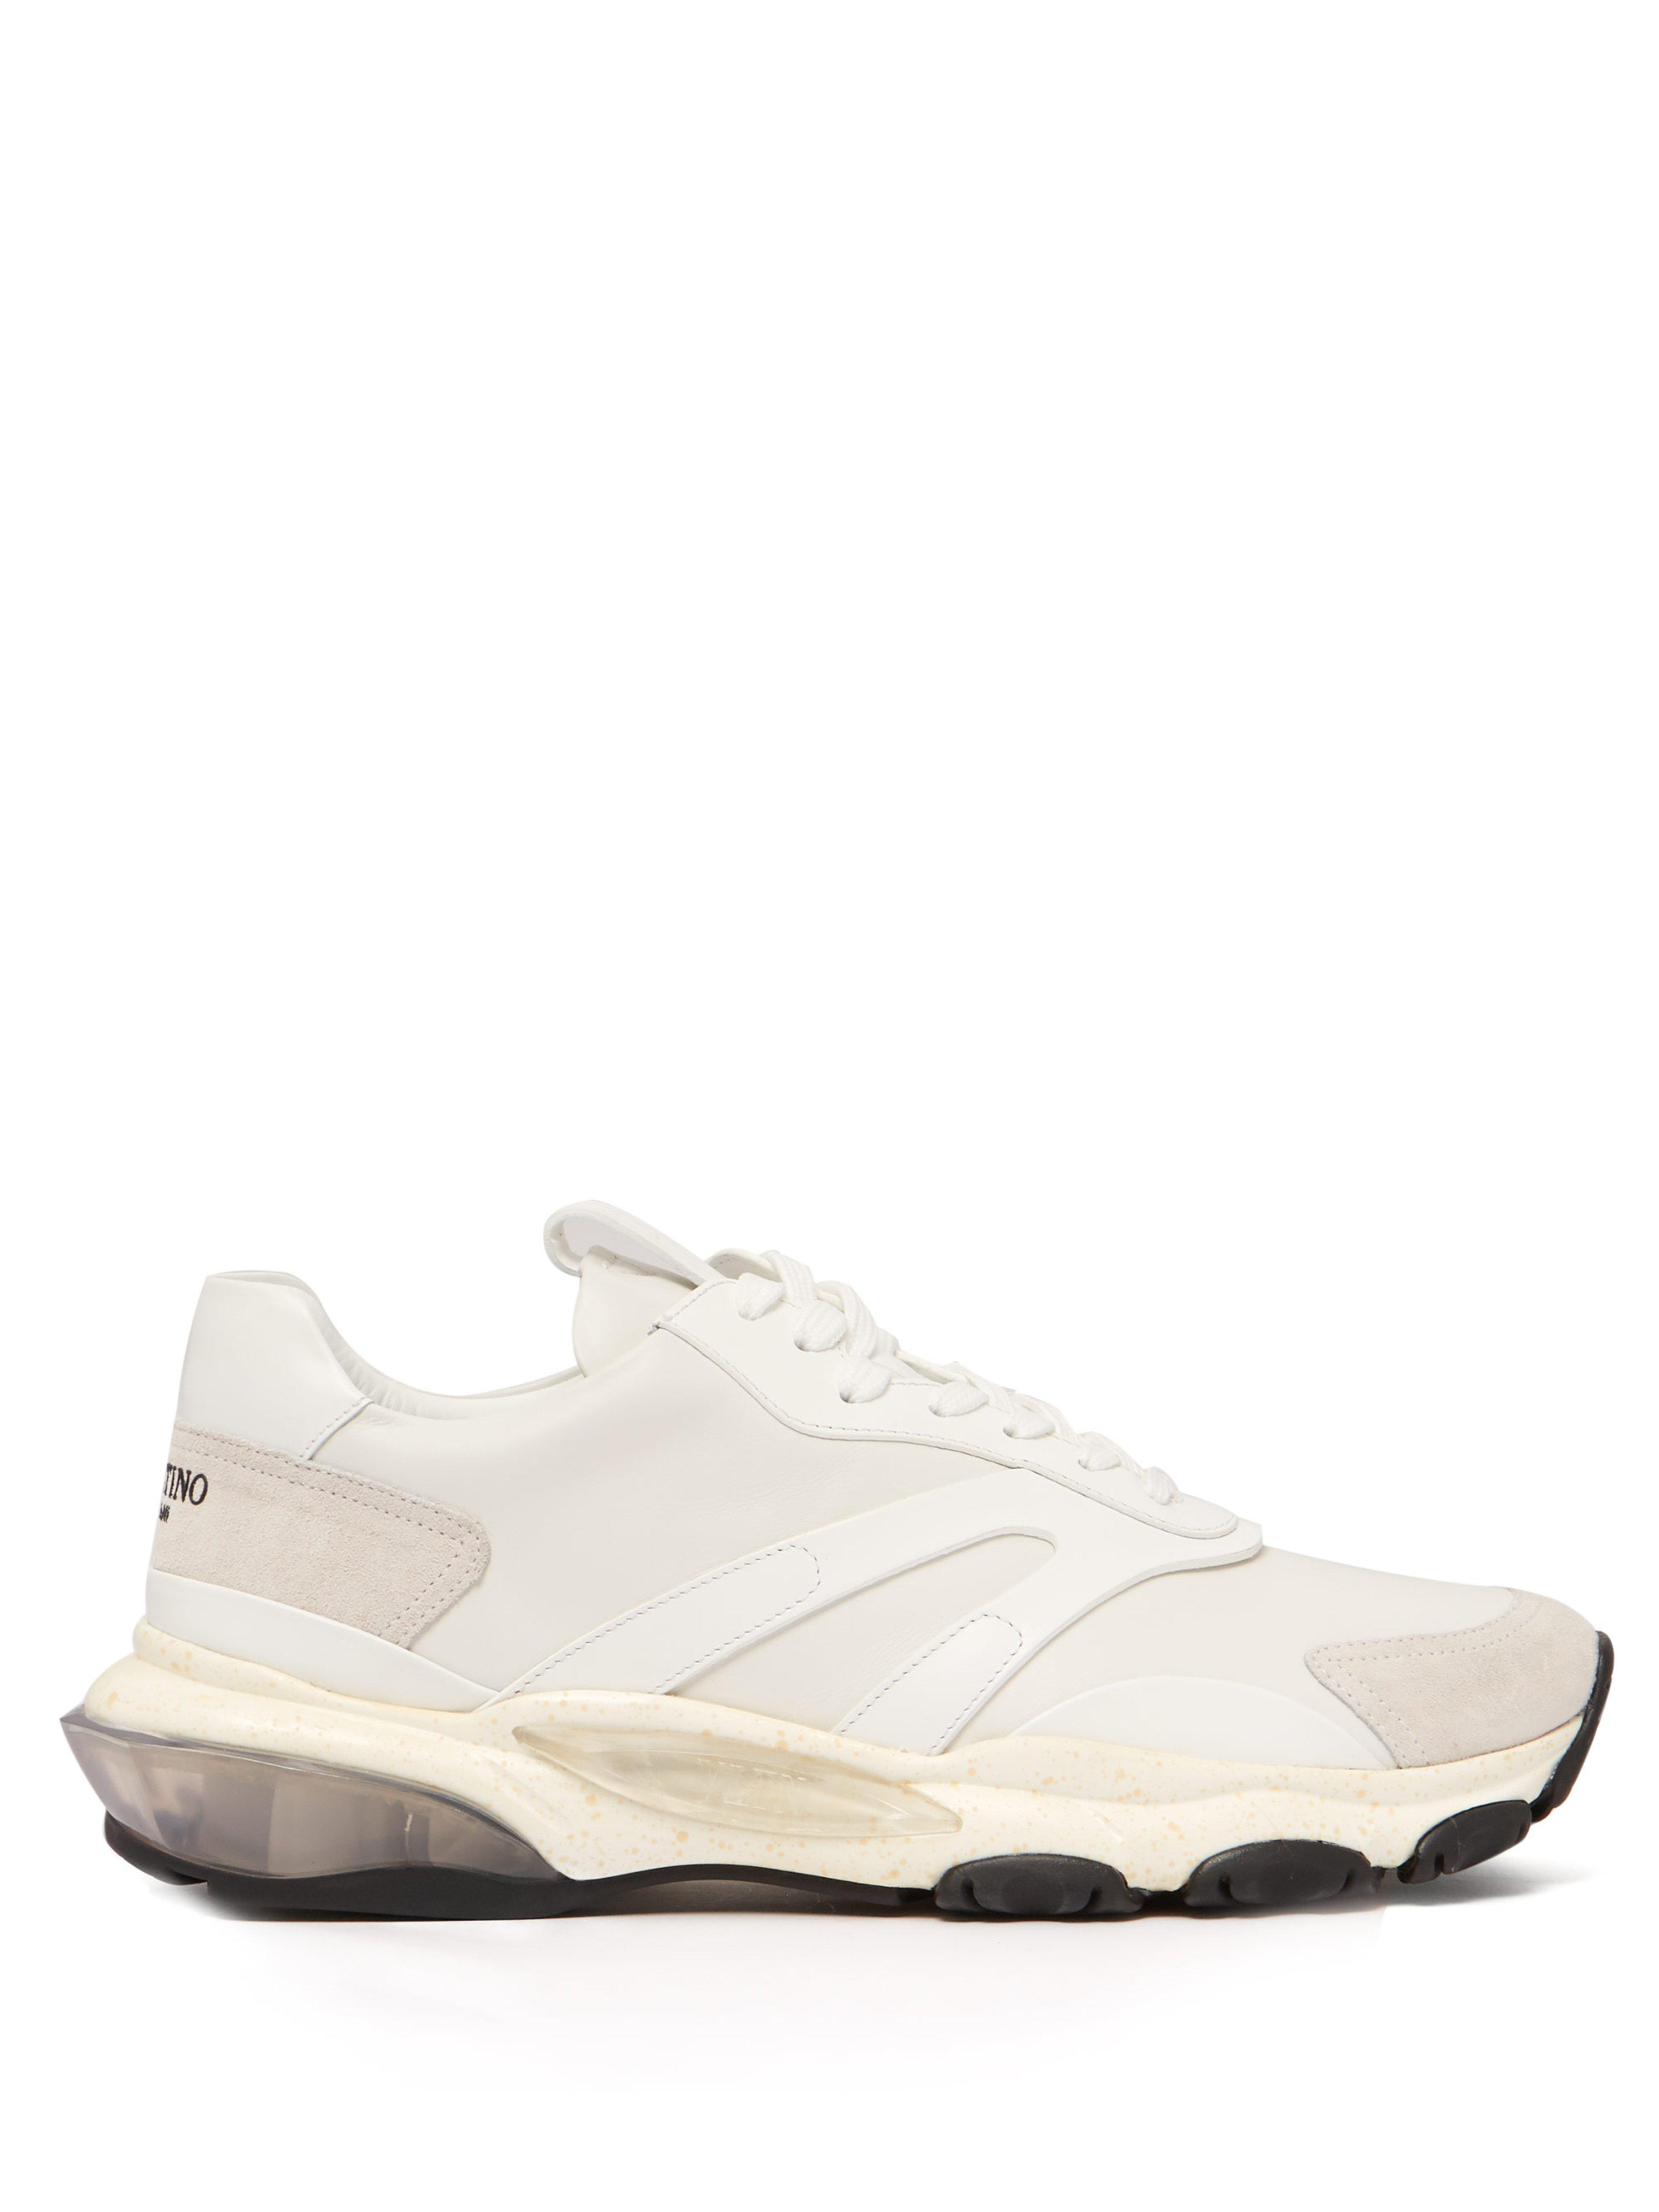 Baskets basses à semelle surélevée Bounce Valentino pour homme en coloris White